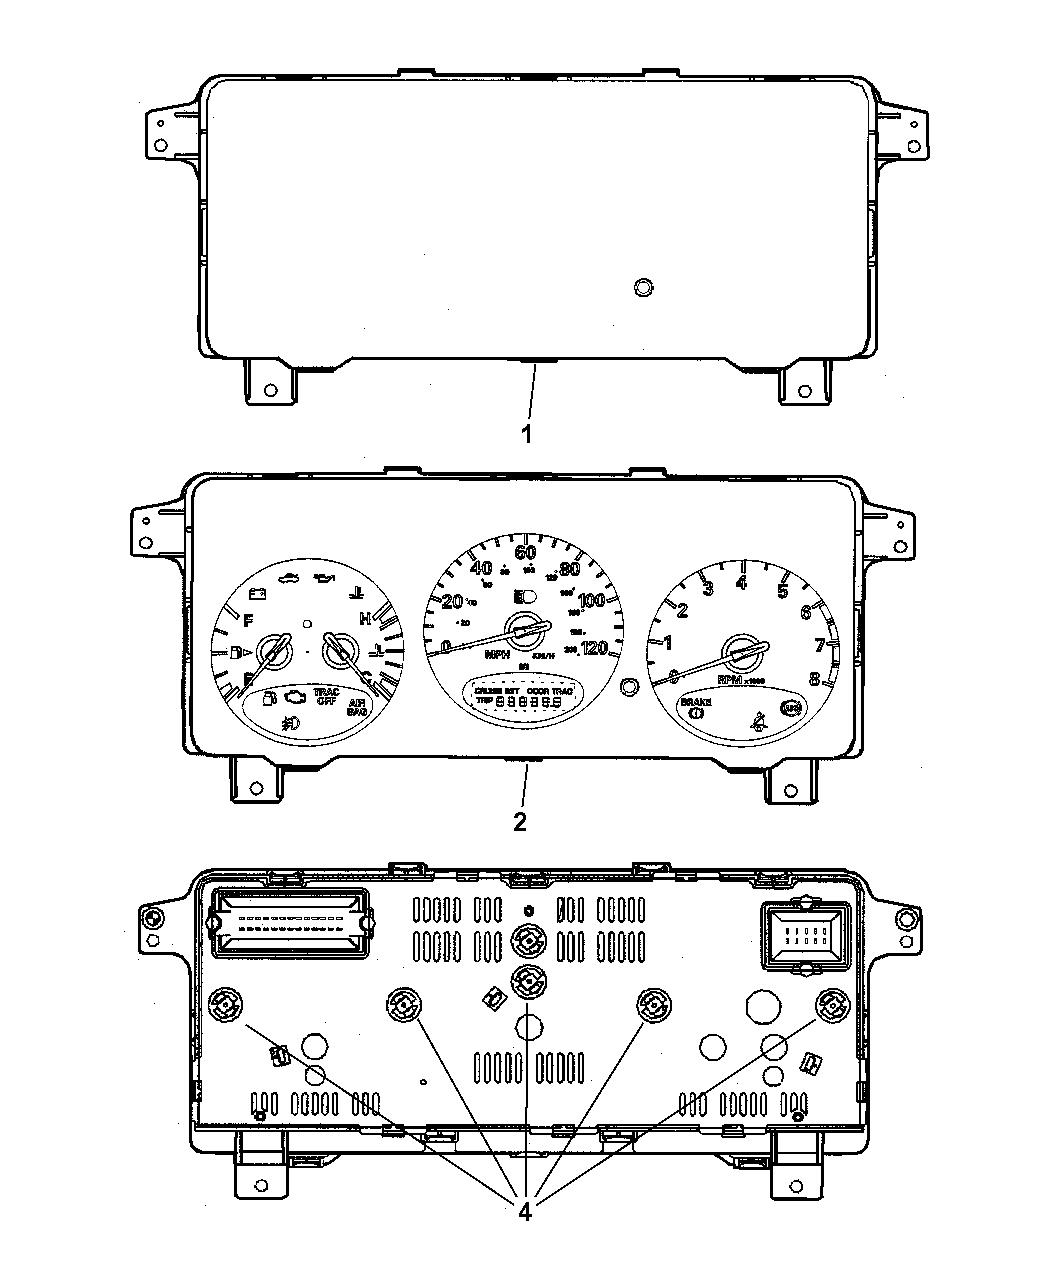 2001 chrysler pt cruiser wiring diagram 2001 chrysler pt cruiser cluster  instrument panel  2001 chrysler pt cruiser cluster